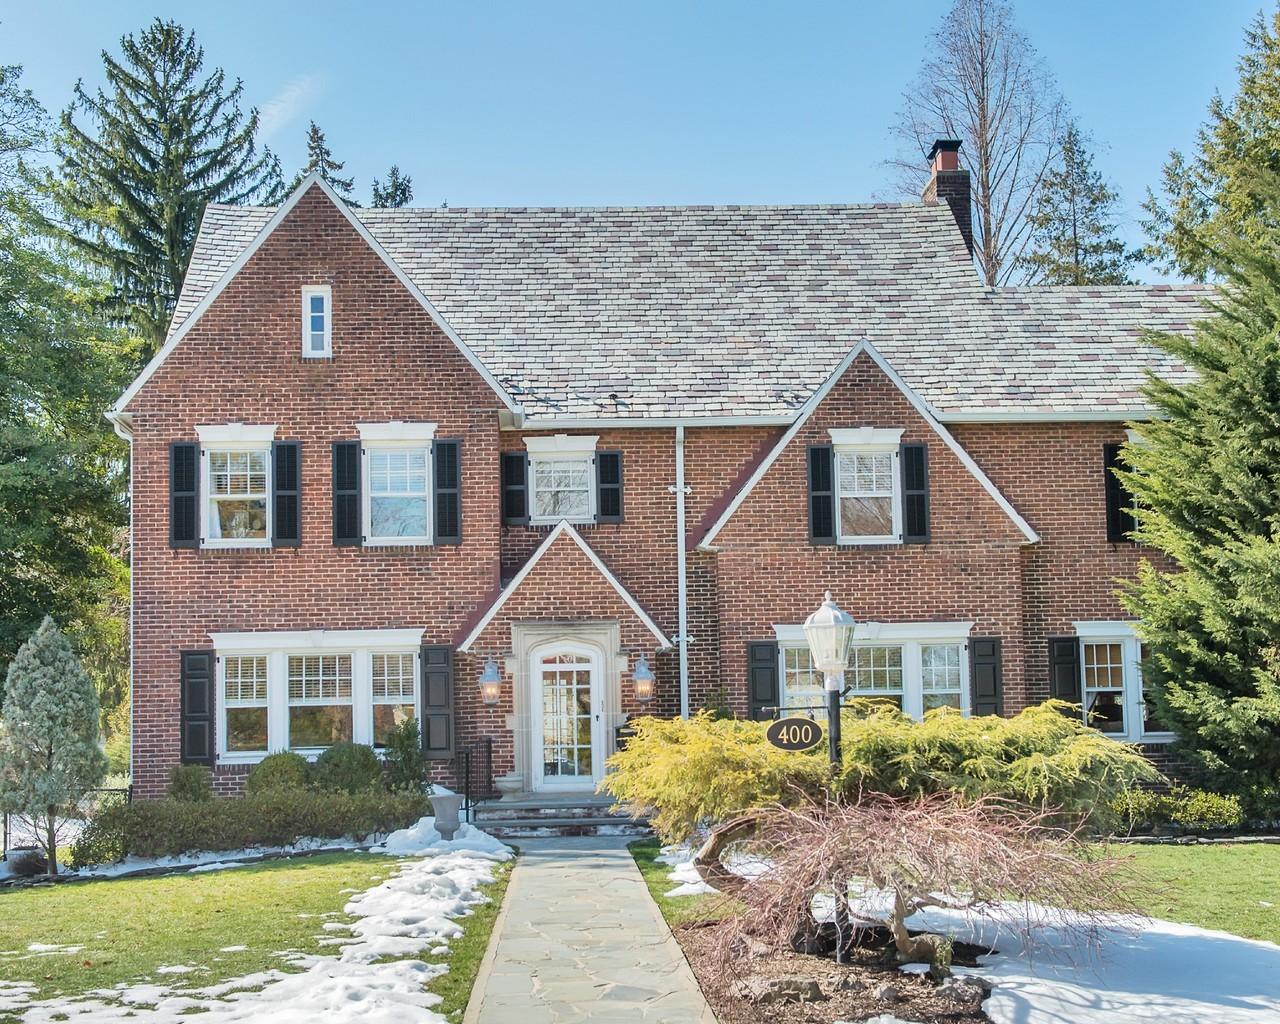 Maison unifamiliale pour l Vente à Signature Glen Ridge Home 400 Ridgewood Avenue Glen Ridge, New Jersey 07028 États-Unis